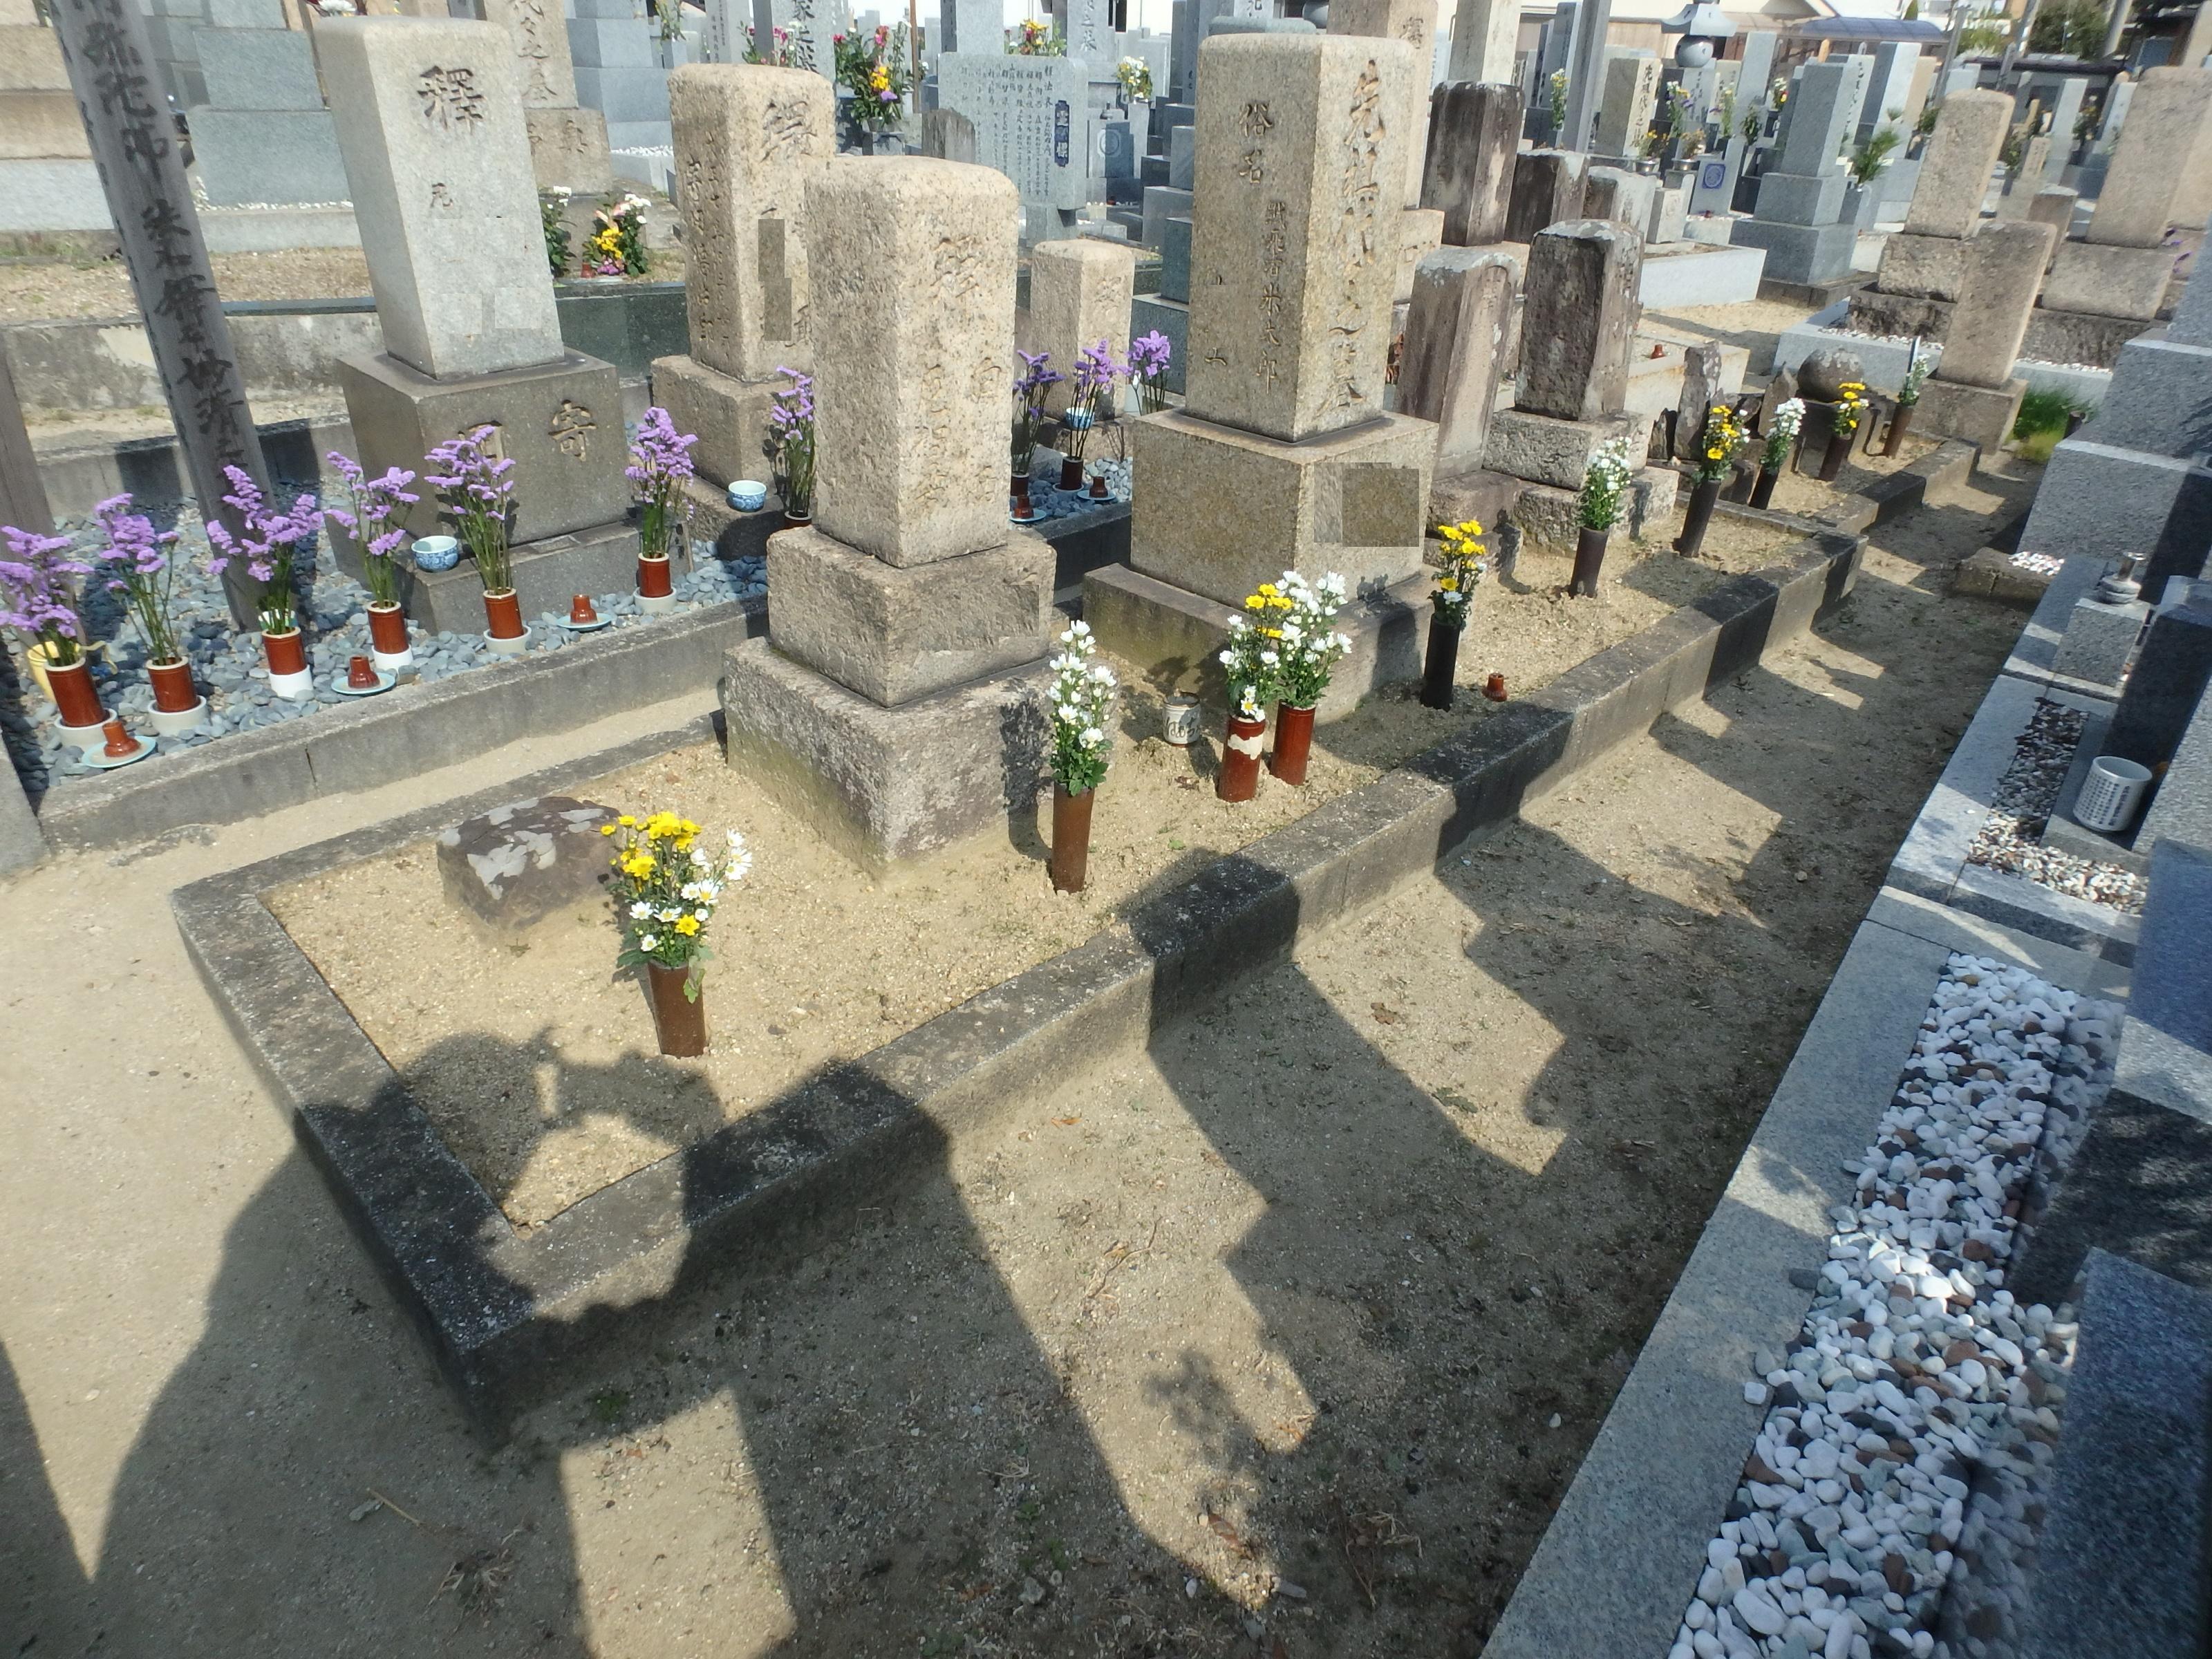 施工例3㎡以上2-45 泉大津市 助松墓地の詳細画像1